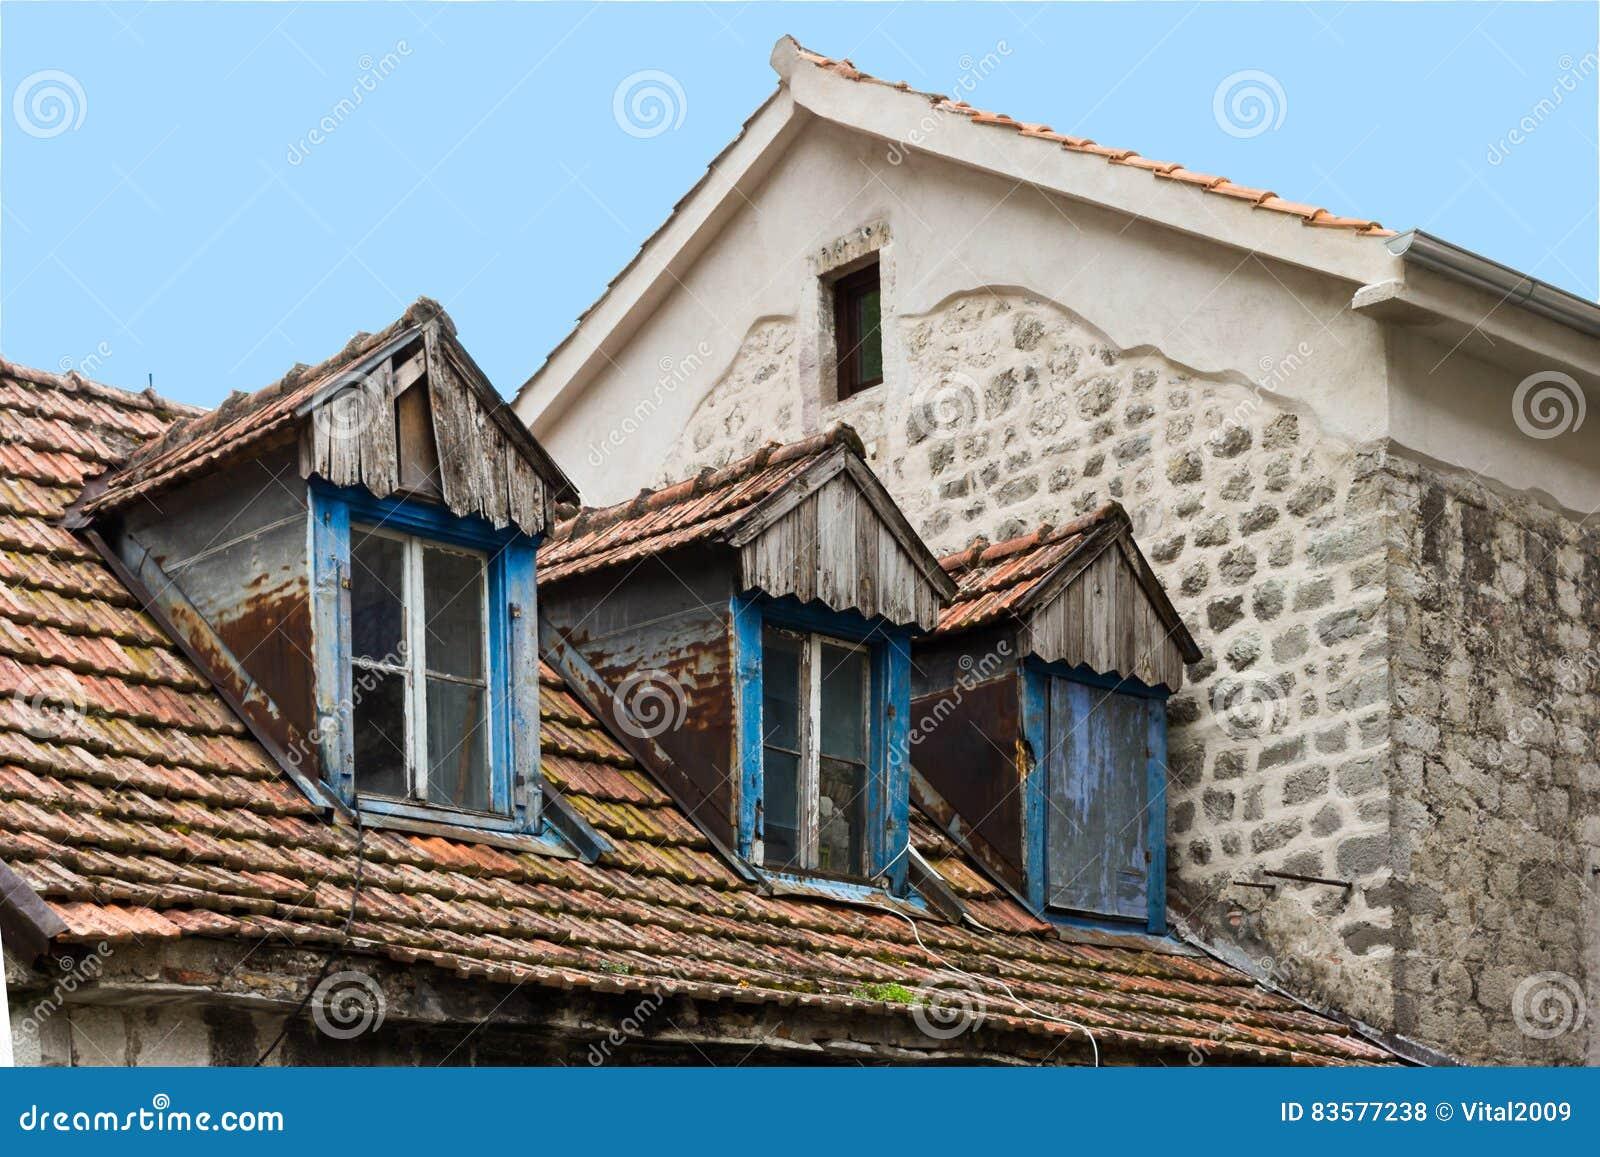 dachbodenfenster in einem alten haus in kotor, montenegro stockfoto